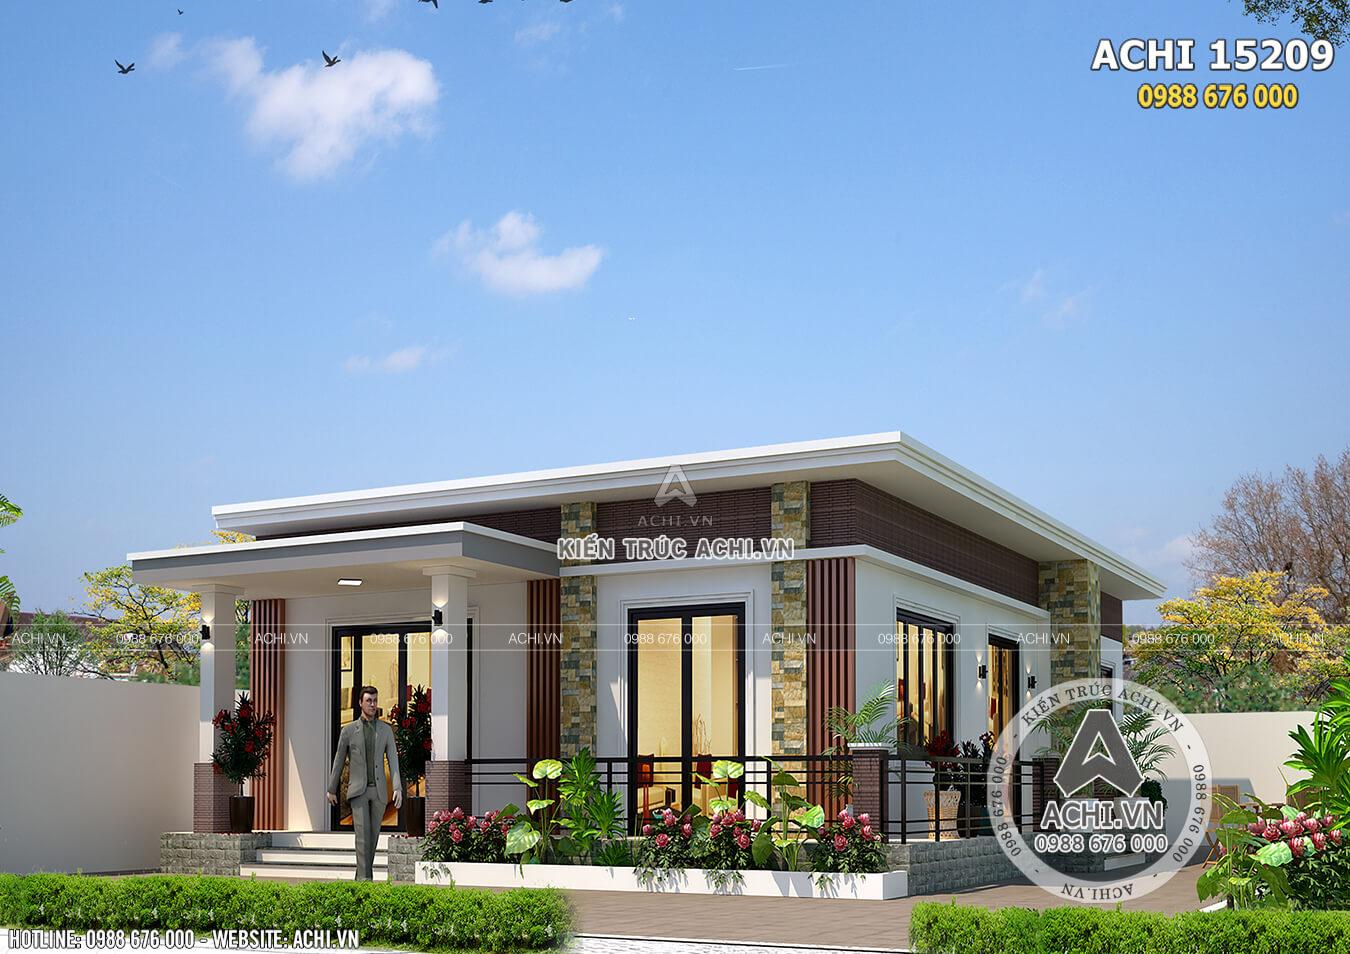 Mẫu nhà cấp 4 đơn giản 1 tầng đẹp 500 triệu tại Thanh Hóa - ACHI 15209